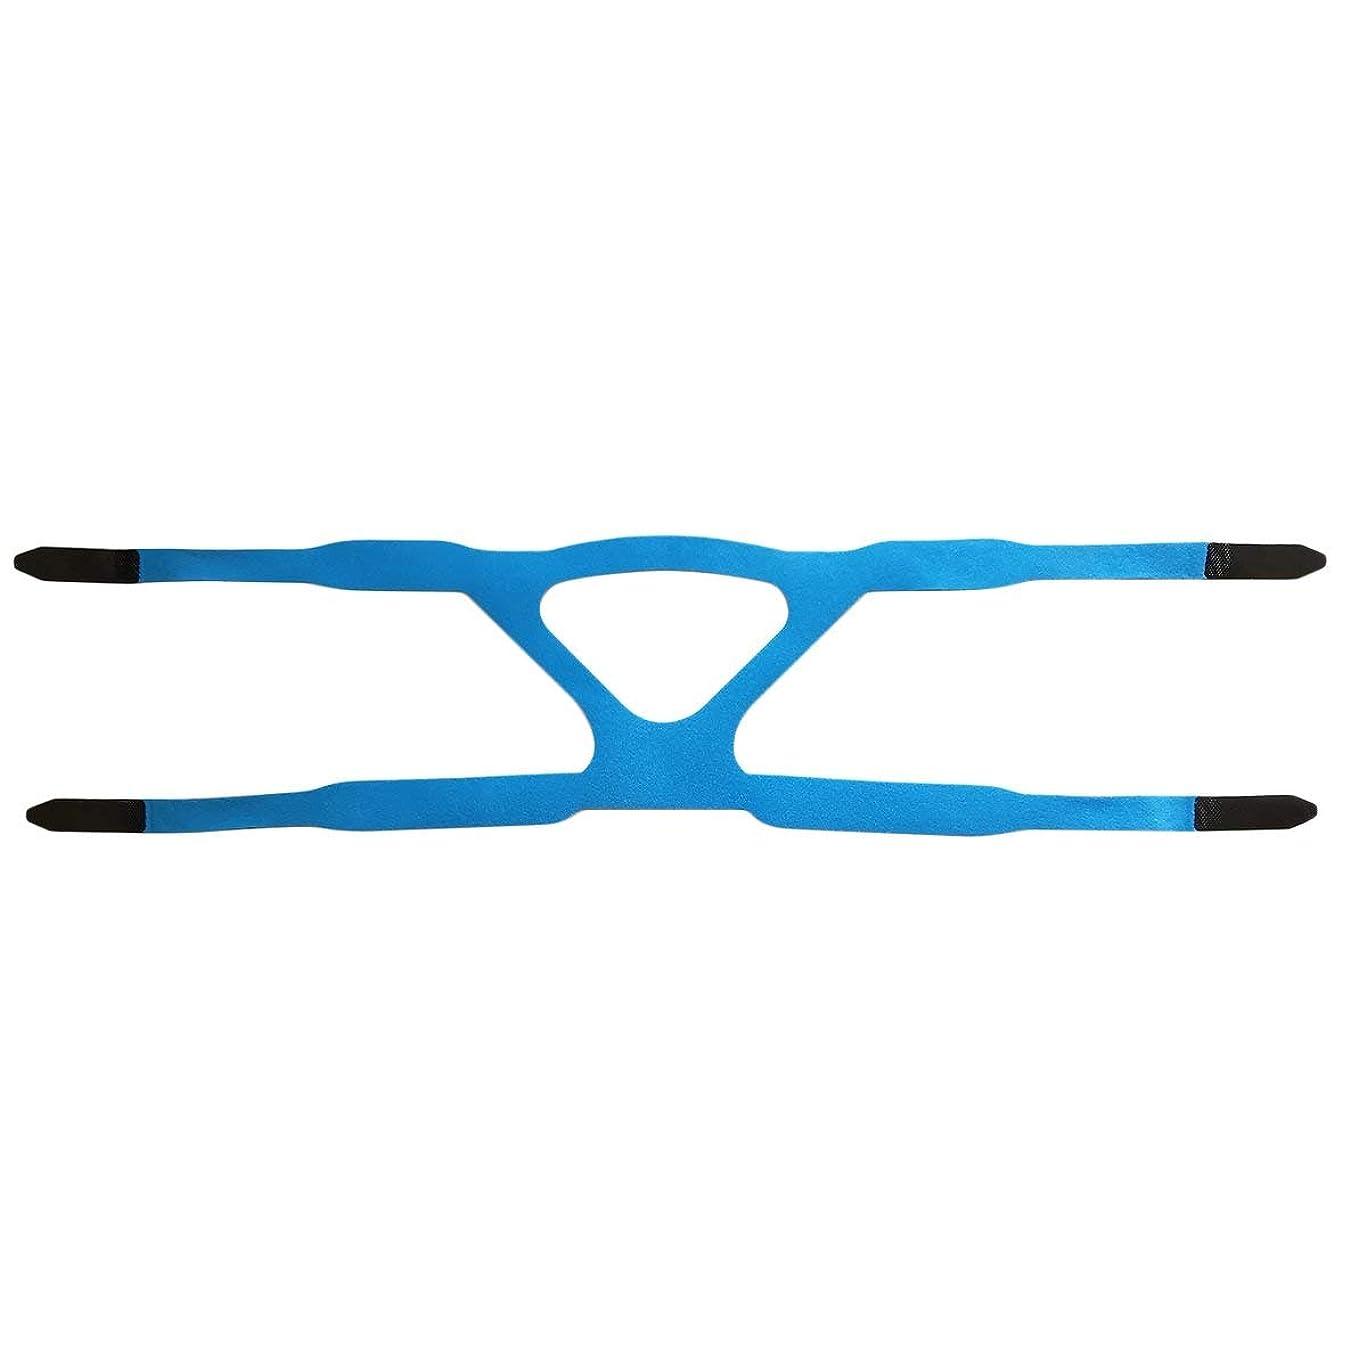 巨大専門用語荷物ユニバーサルヘッドギアコンフォートジェルフルマスク安全な環境での取り替えCPAPヘッドバンドなしPHILPSに適した - ブルー&グレー